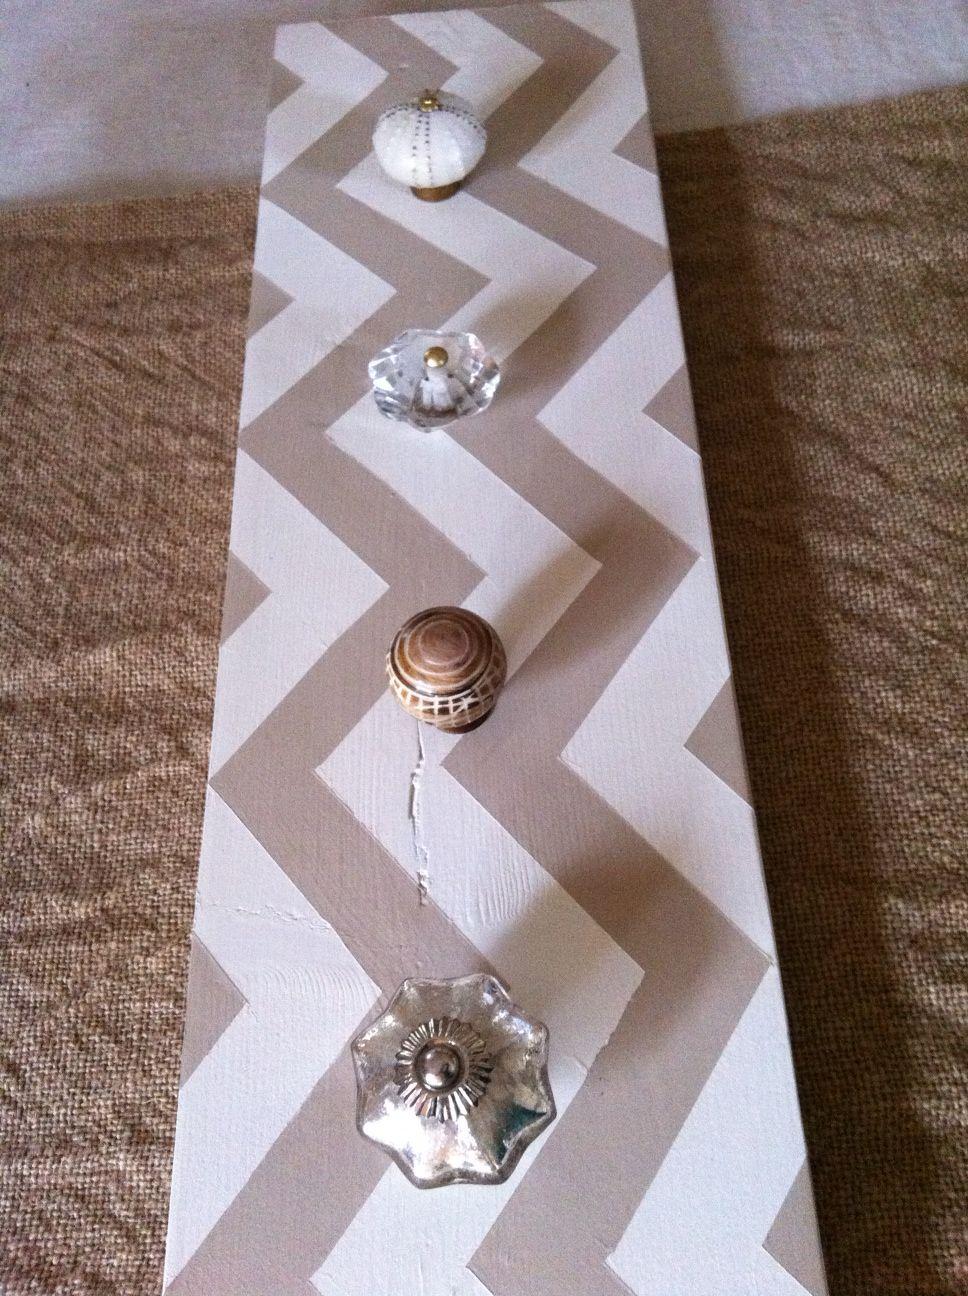 DIY coat rack or jewelry hanger d i y c r a f t s Pinterest